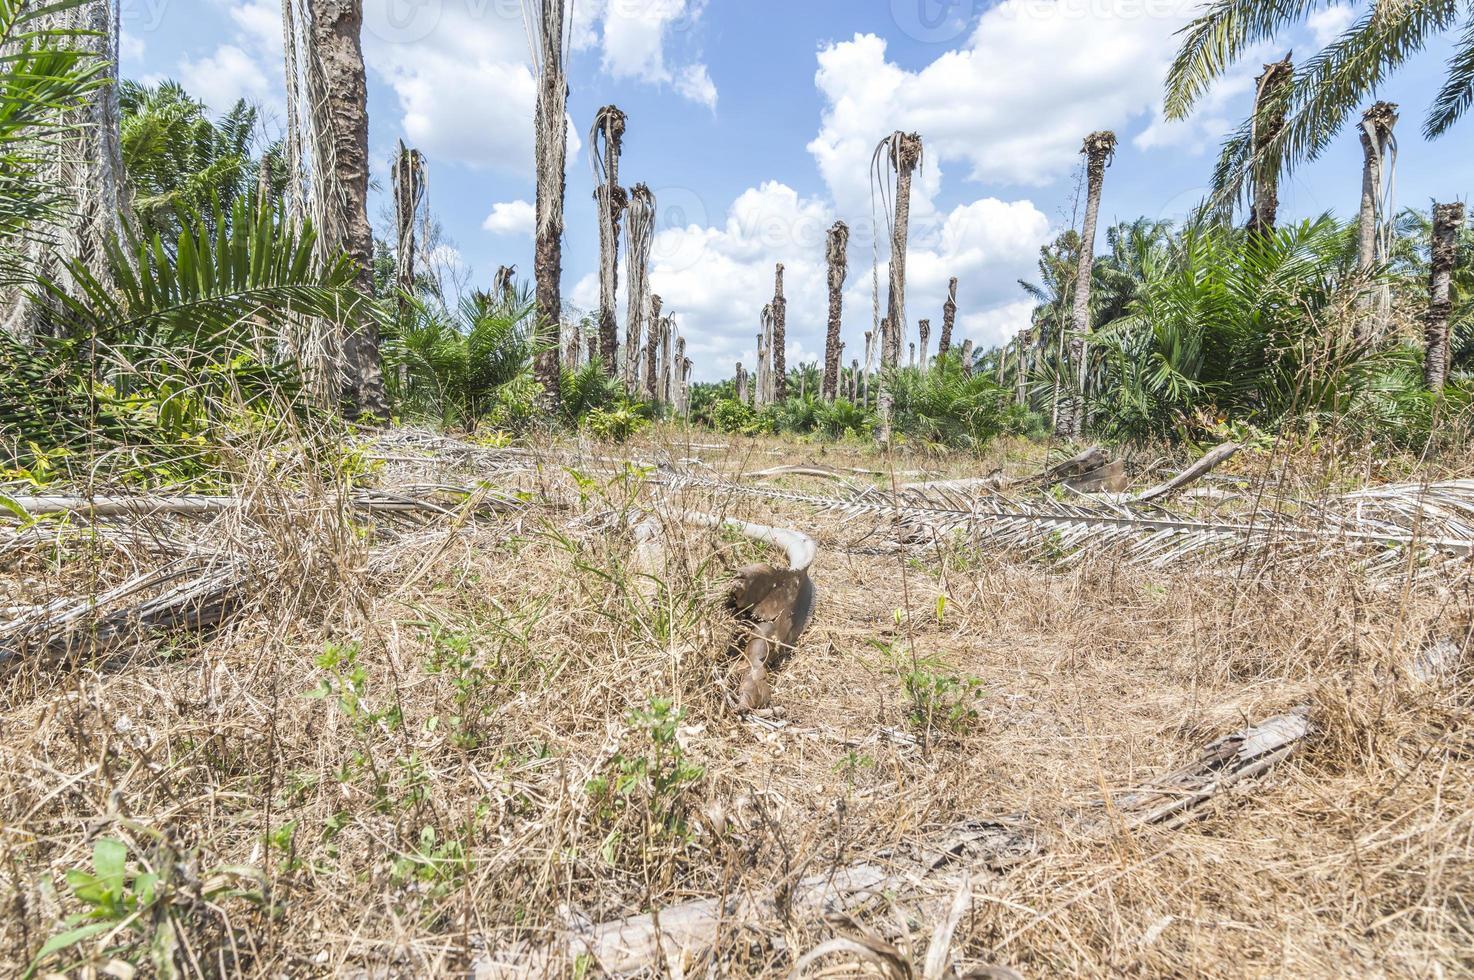 palmier à huile photo